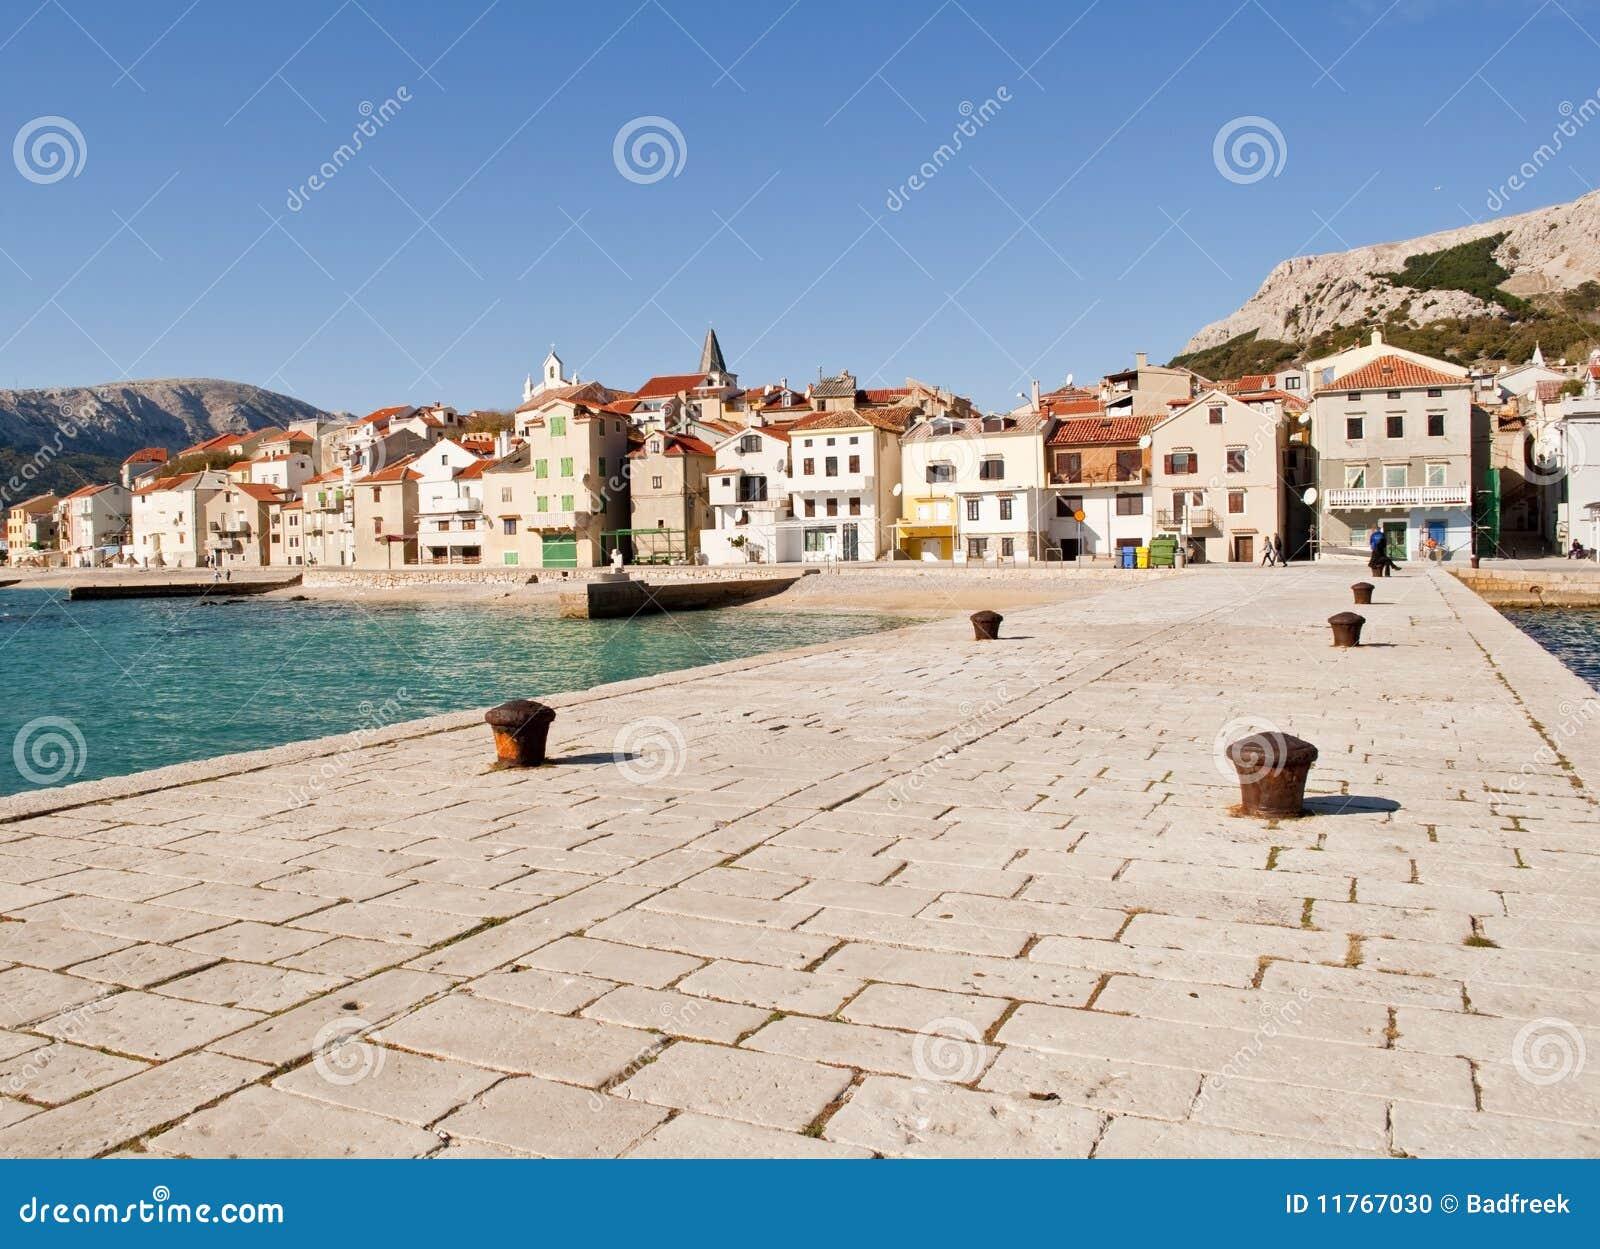 πόλη παραλιών baska krk παλαιά